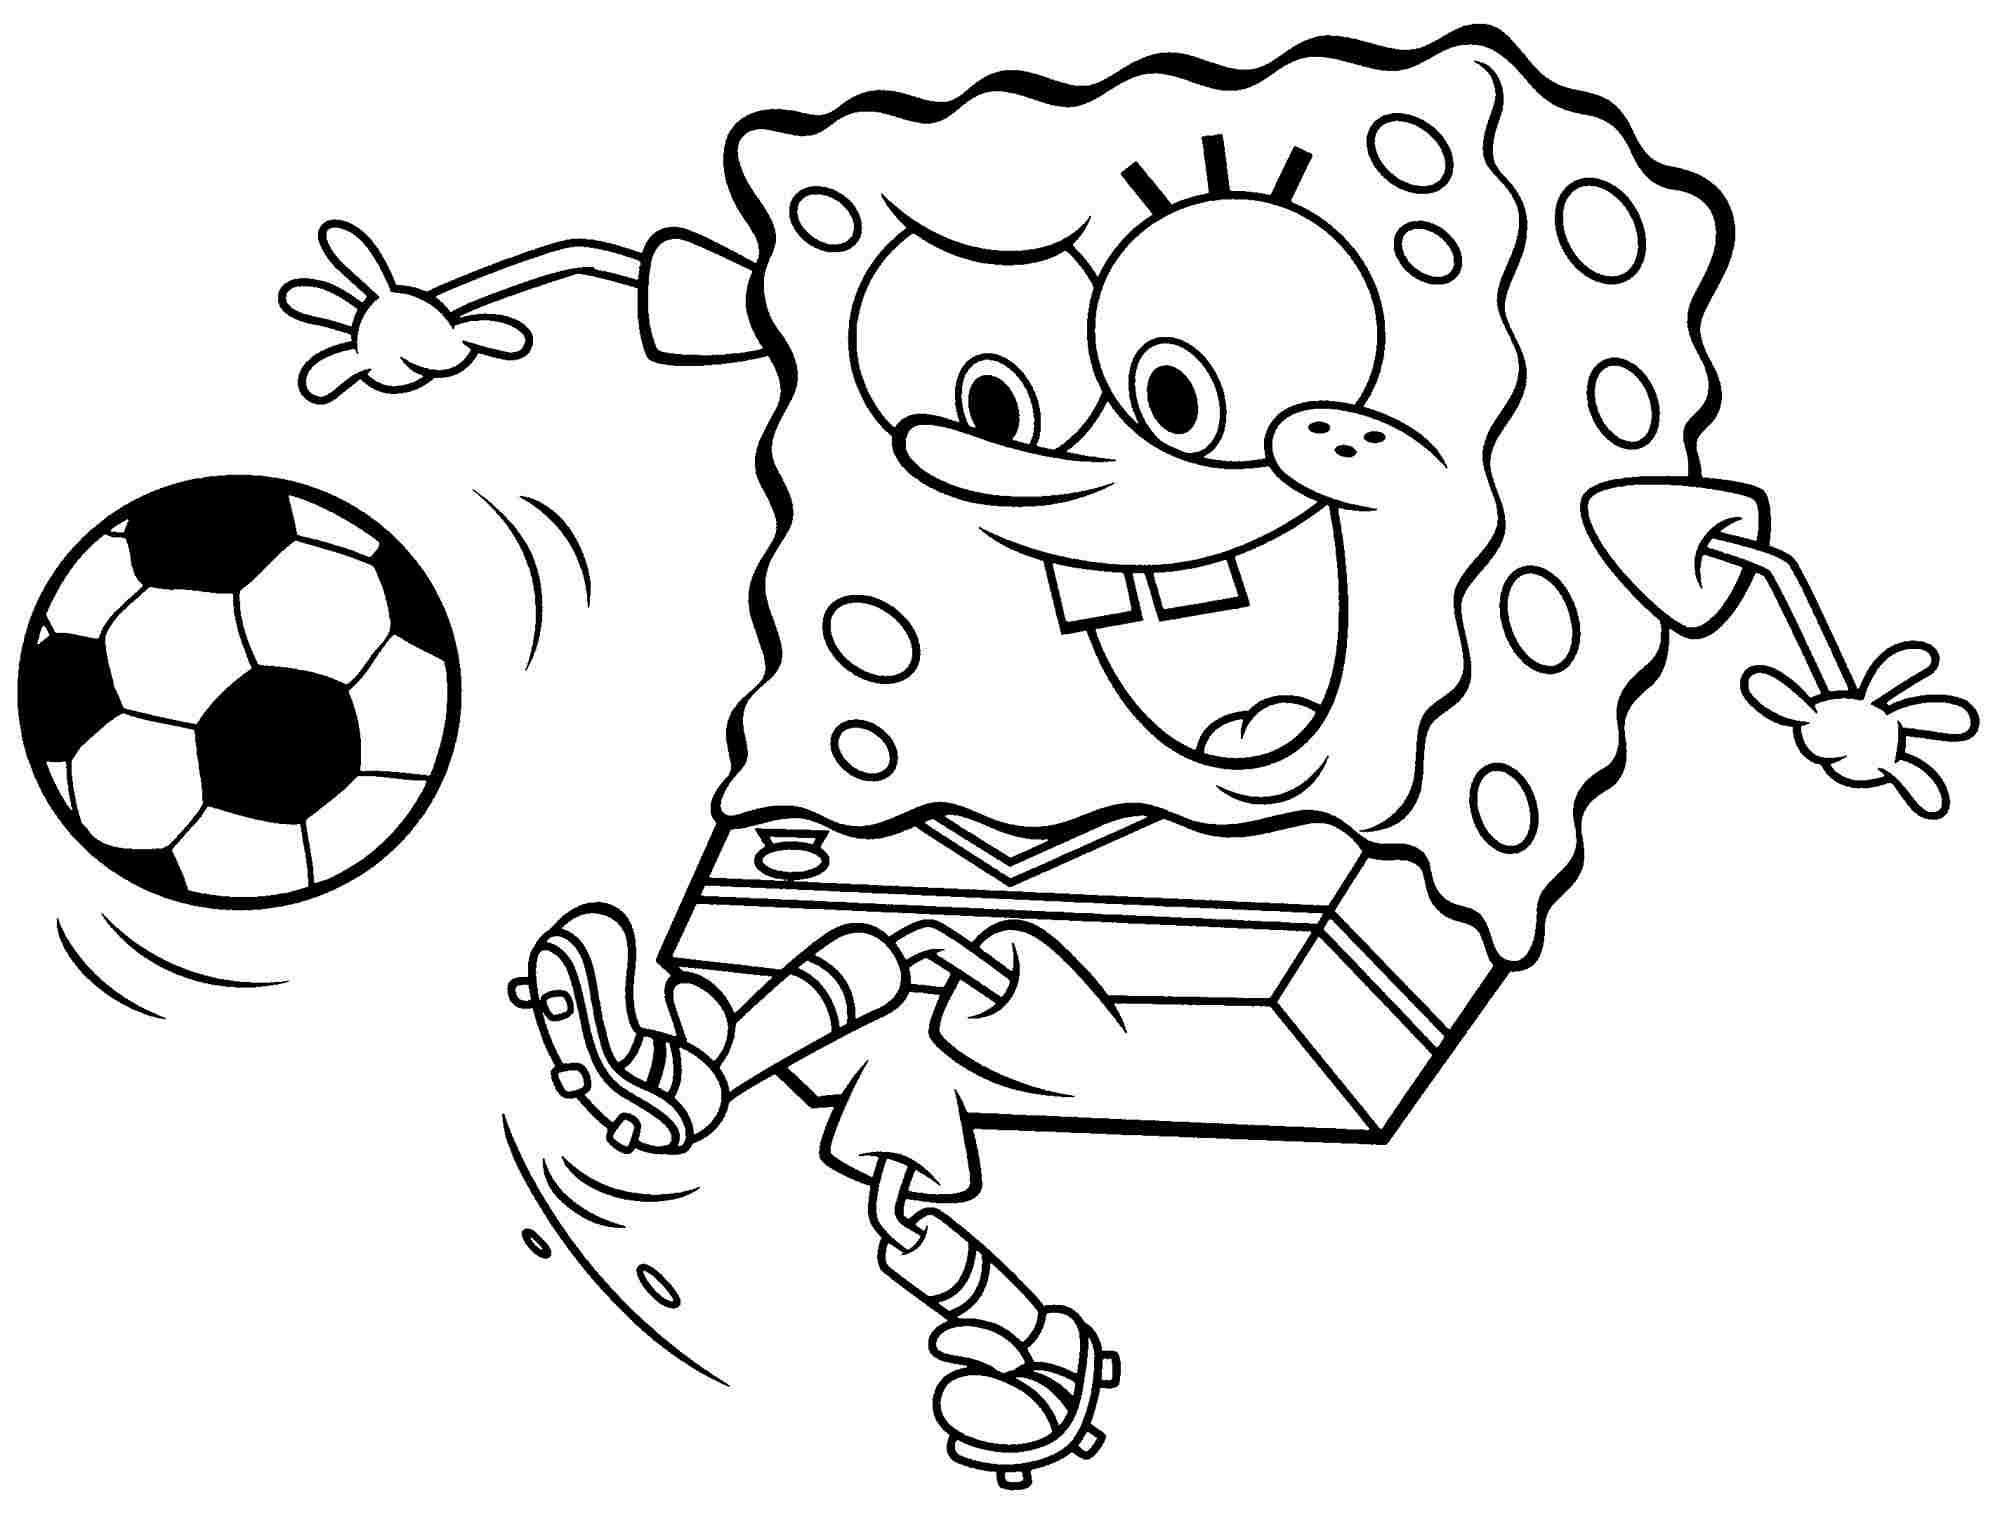 sponge bob coloring pages spongebob squarepants coloring pages minister coloring coloring sponge pages bob